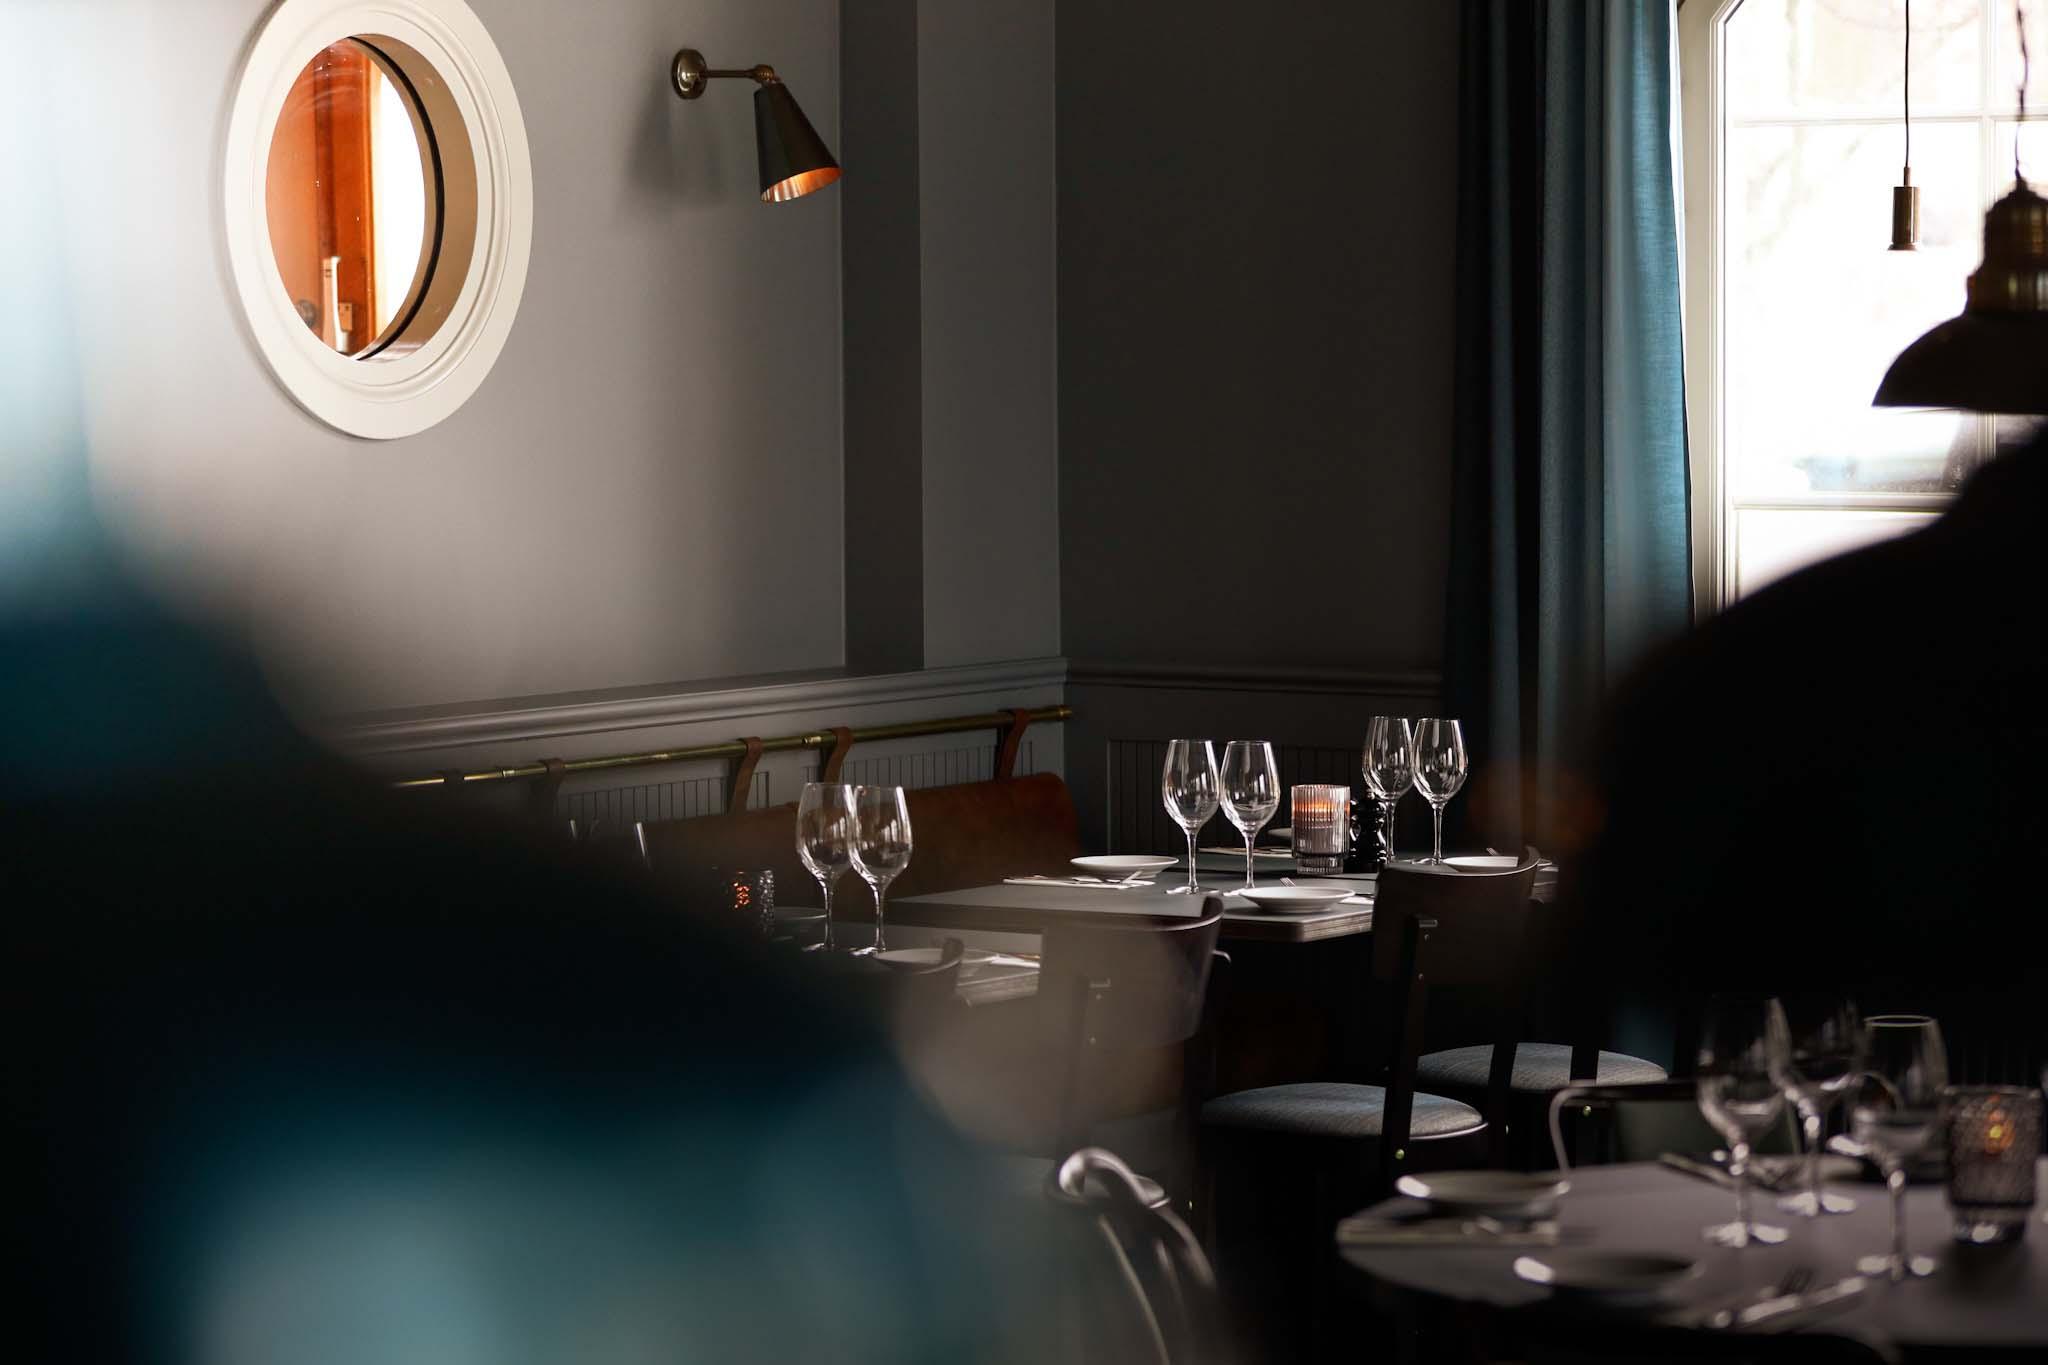 dukning i åtellets restaurang